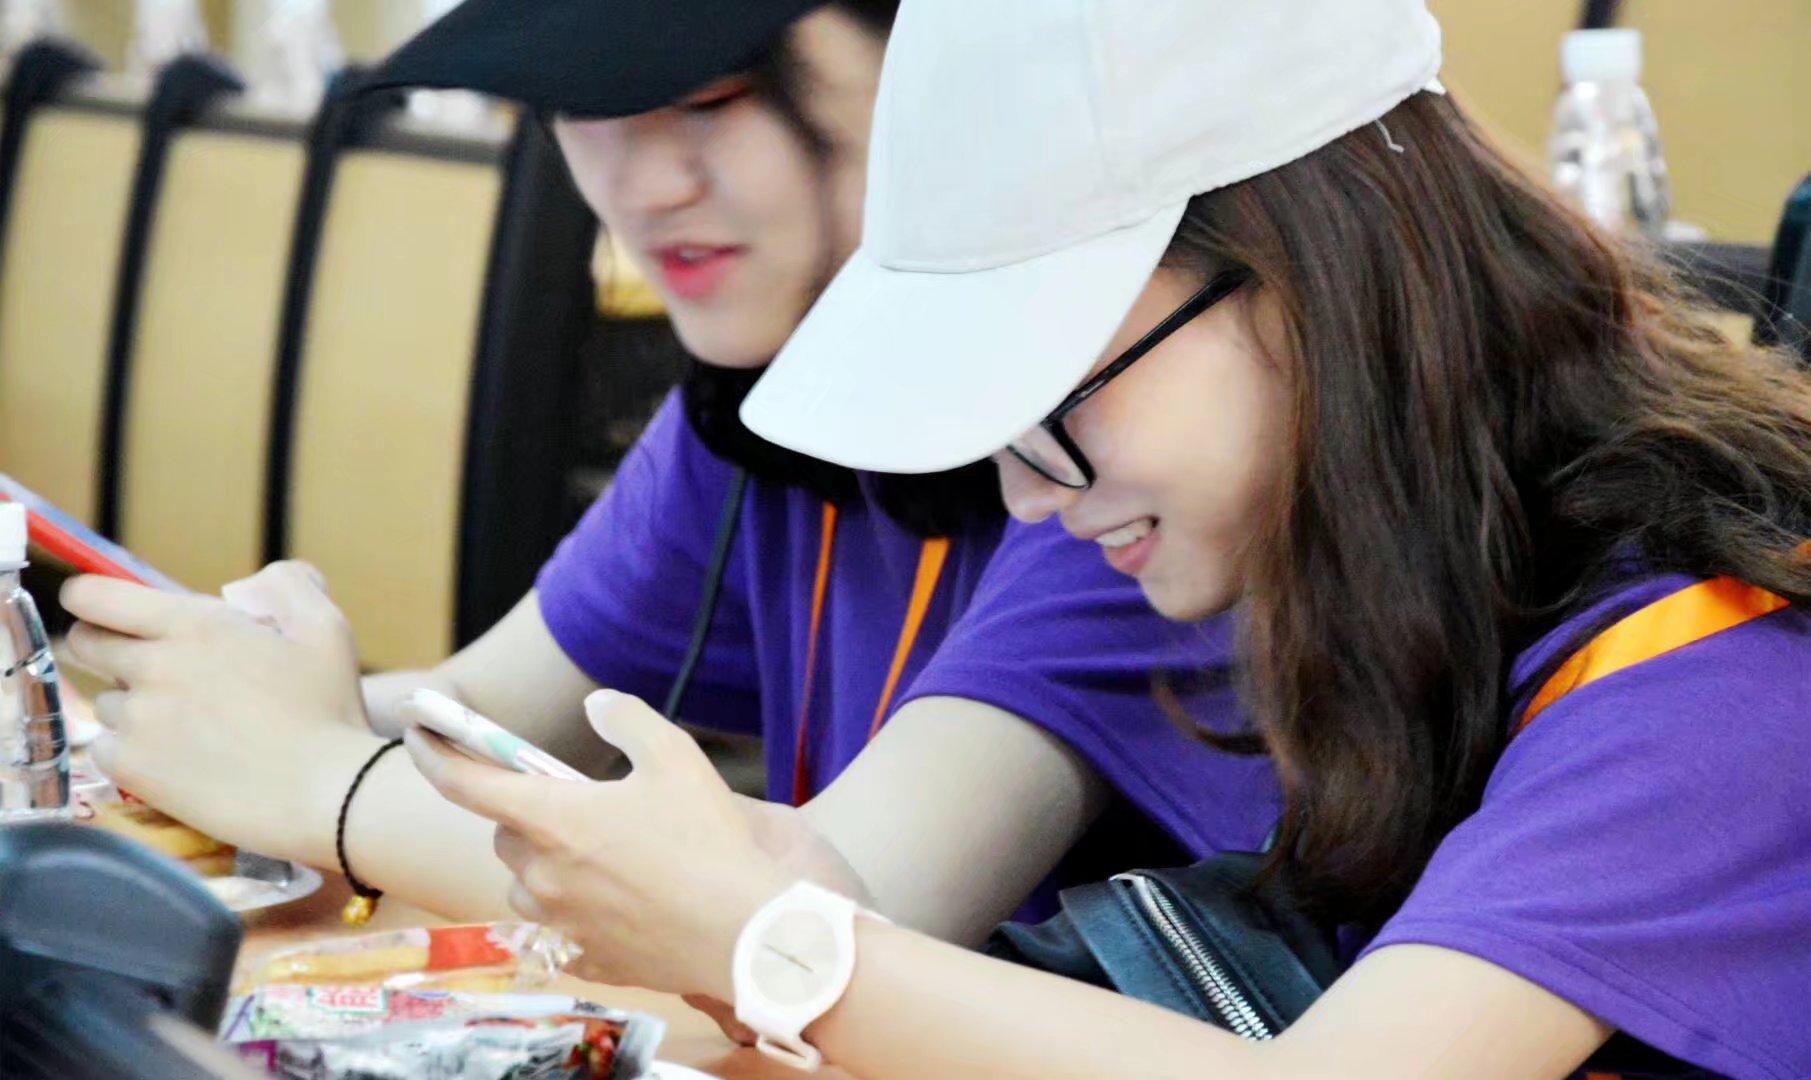 曼谷大学中国留学生本科留学管理服务介绍